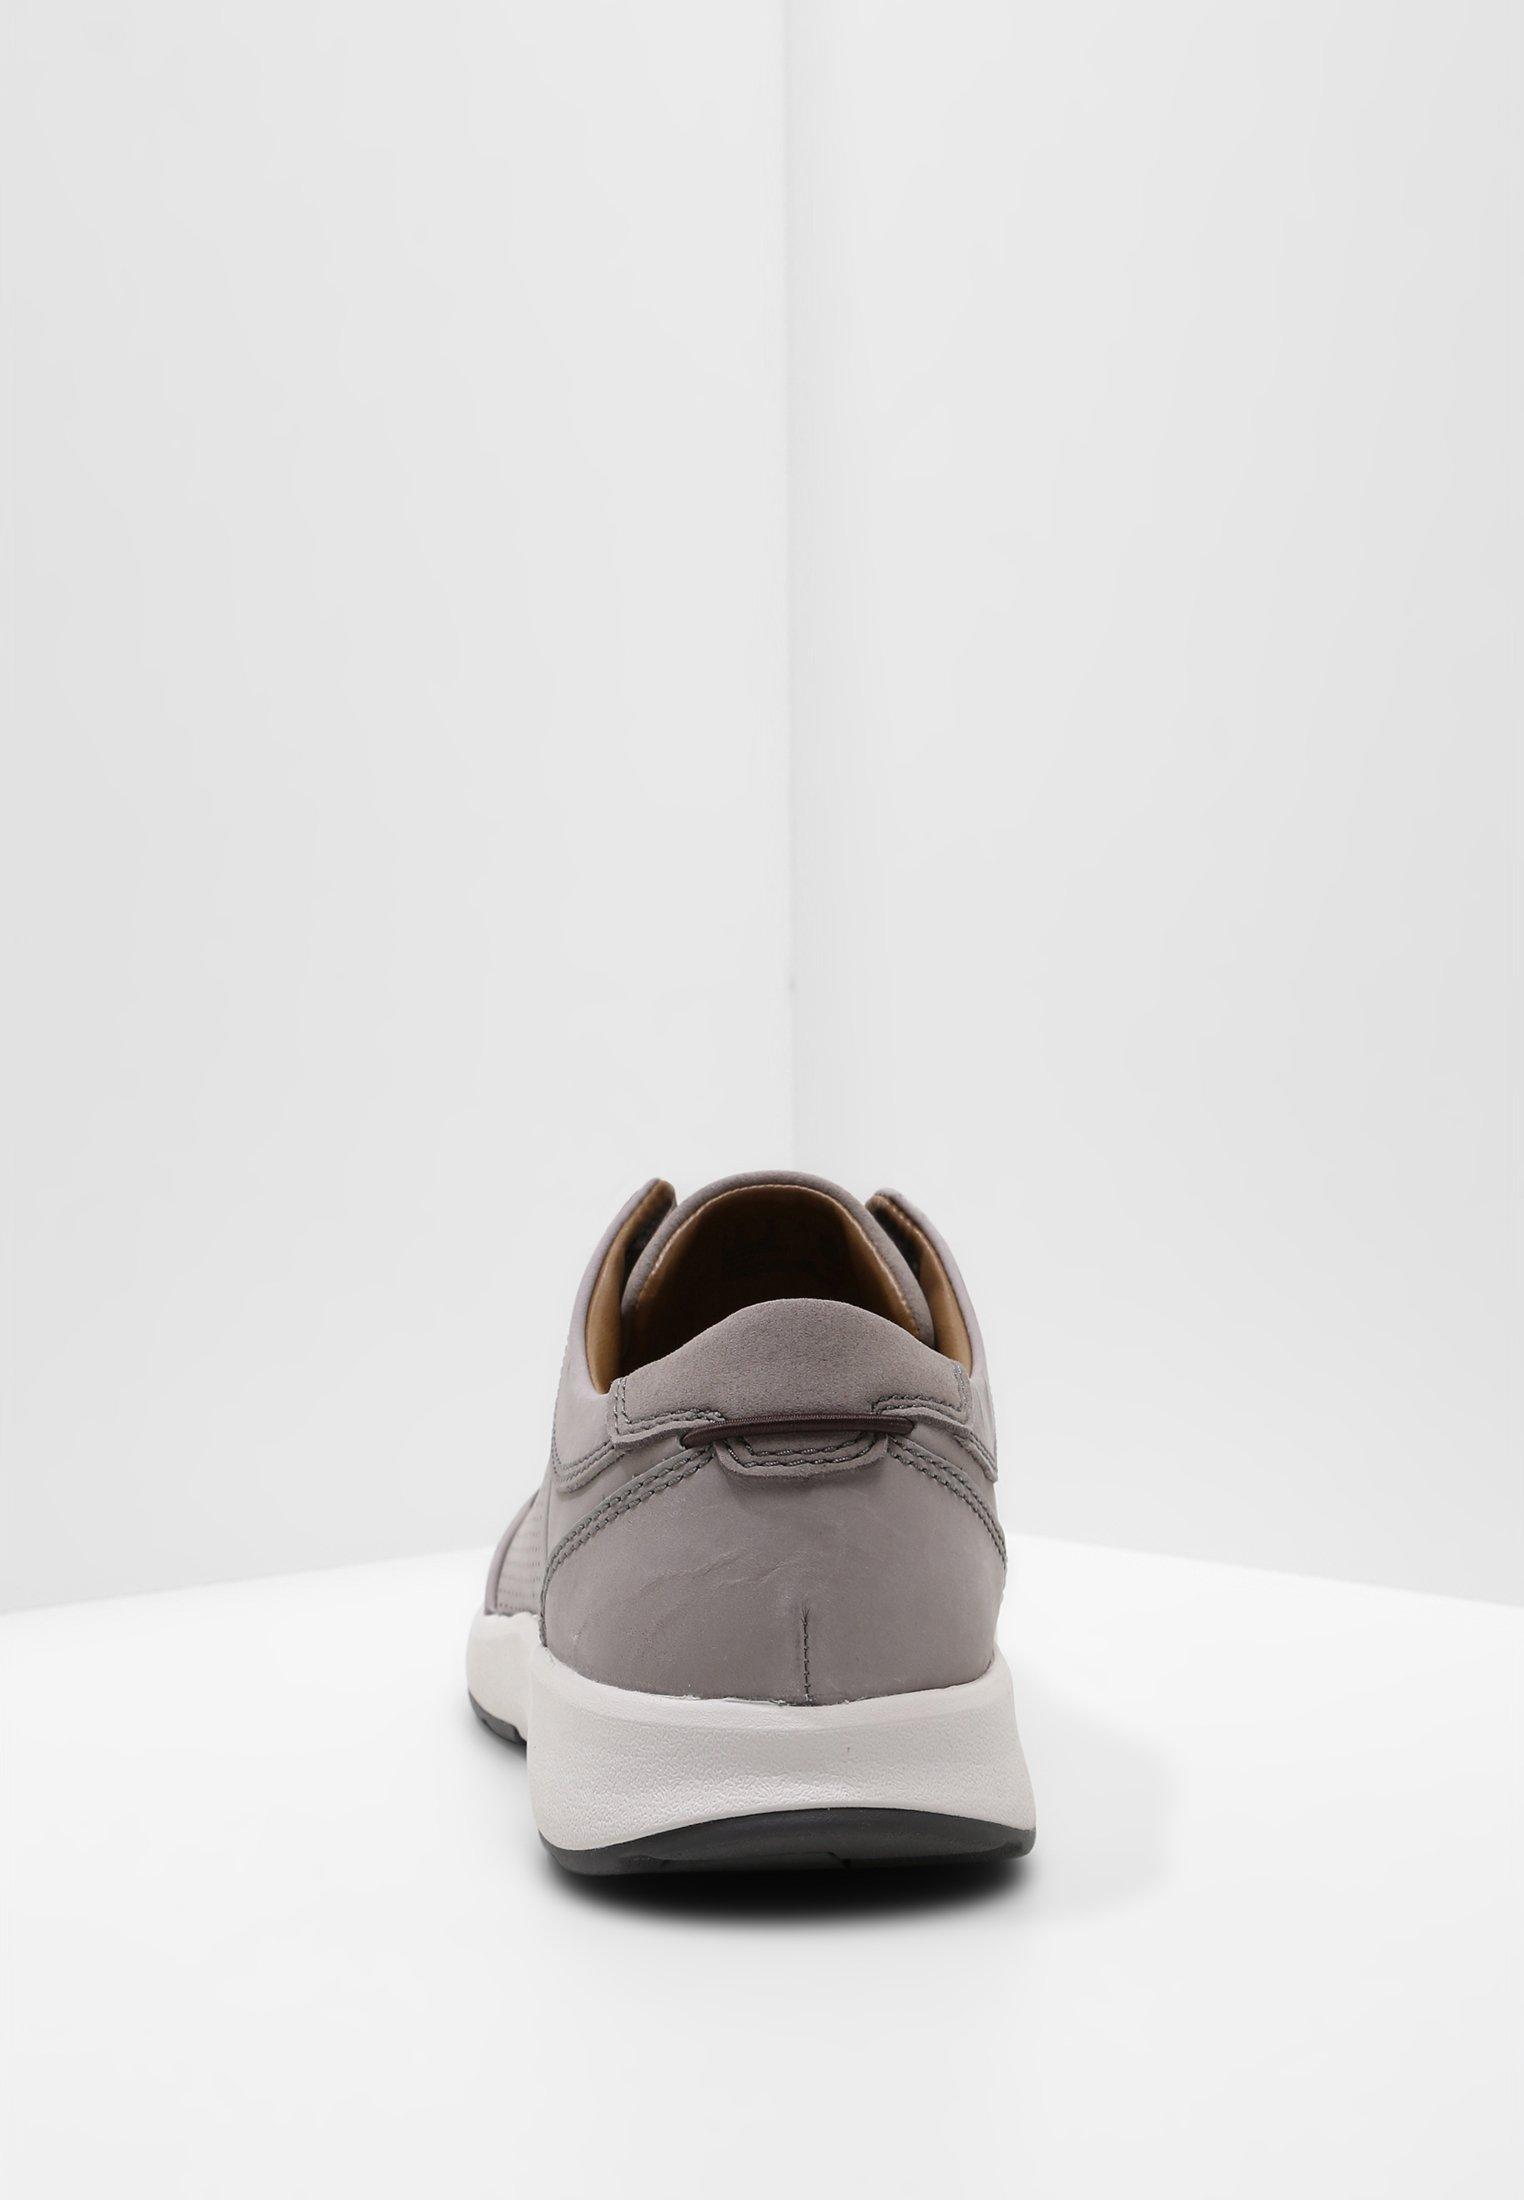 Clarks Un Trail Form - Chaussures À Lacets Stone Beige